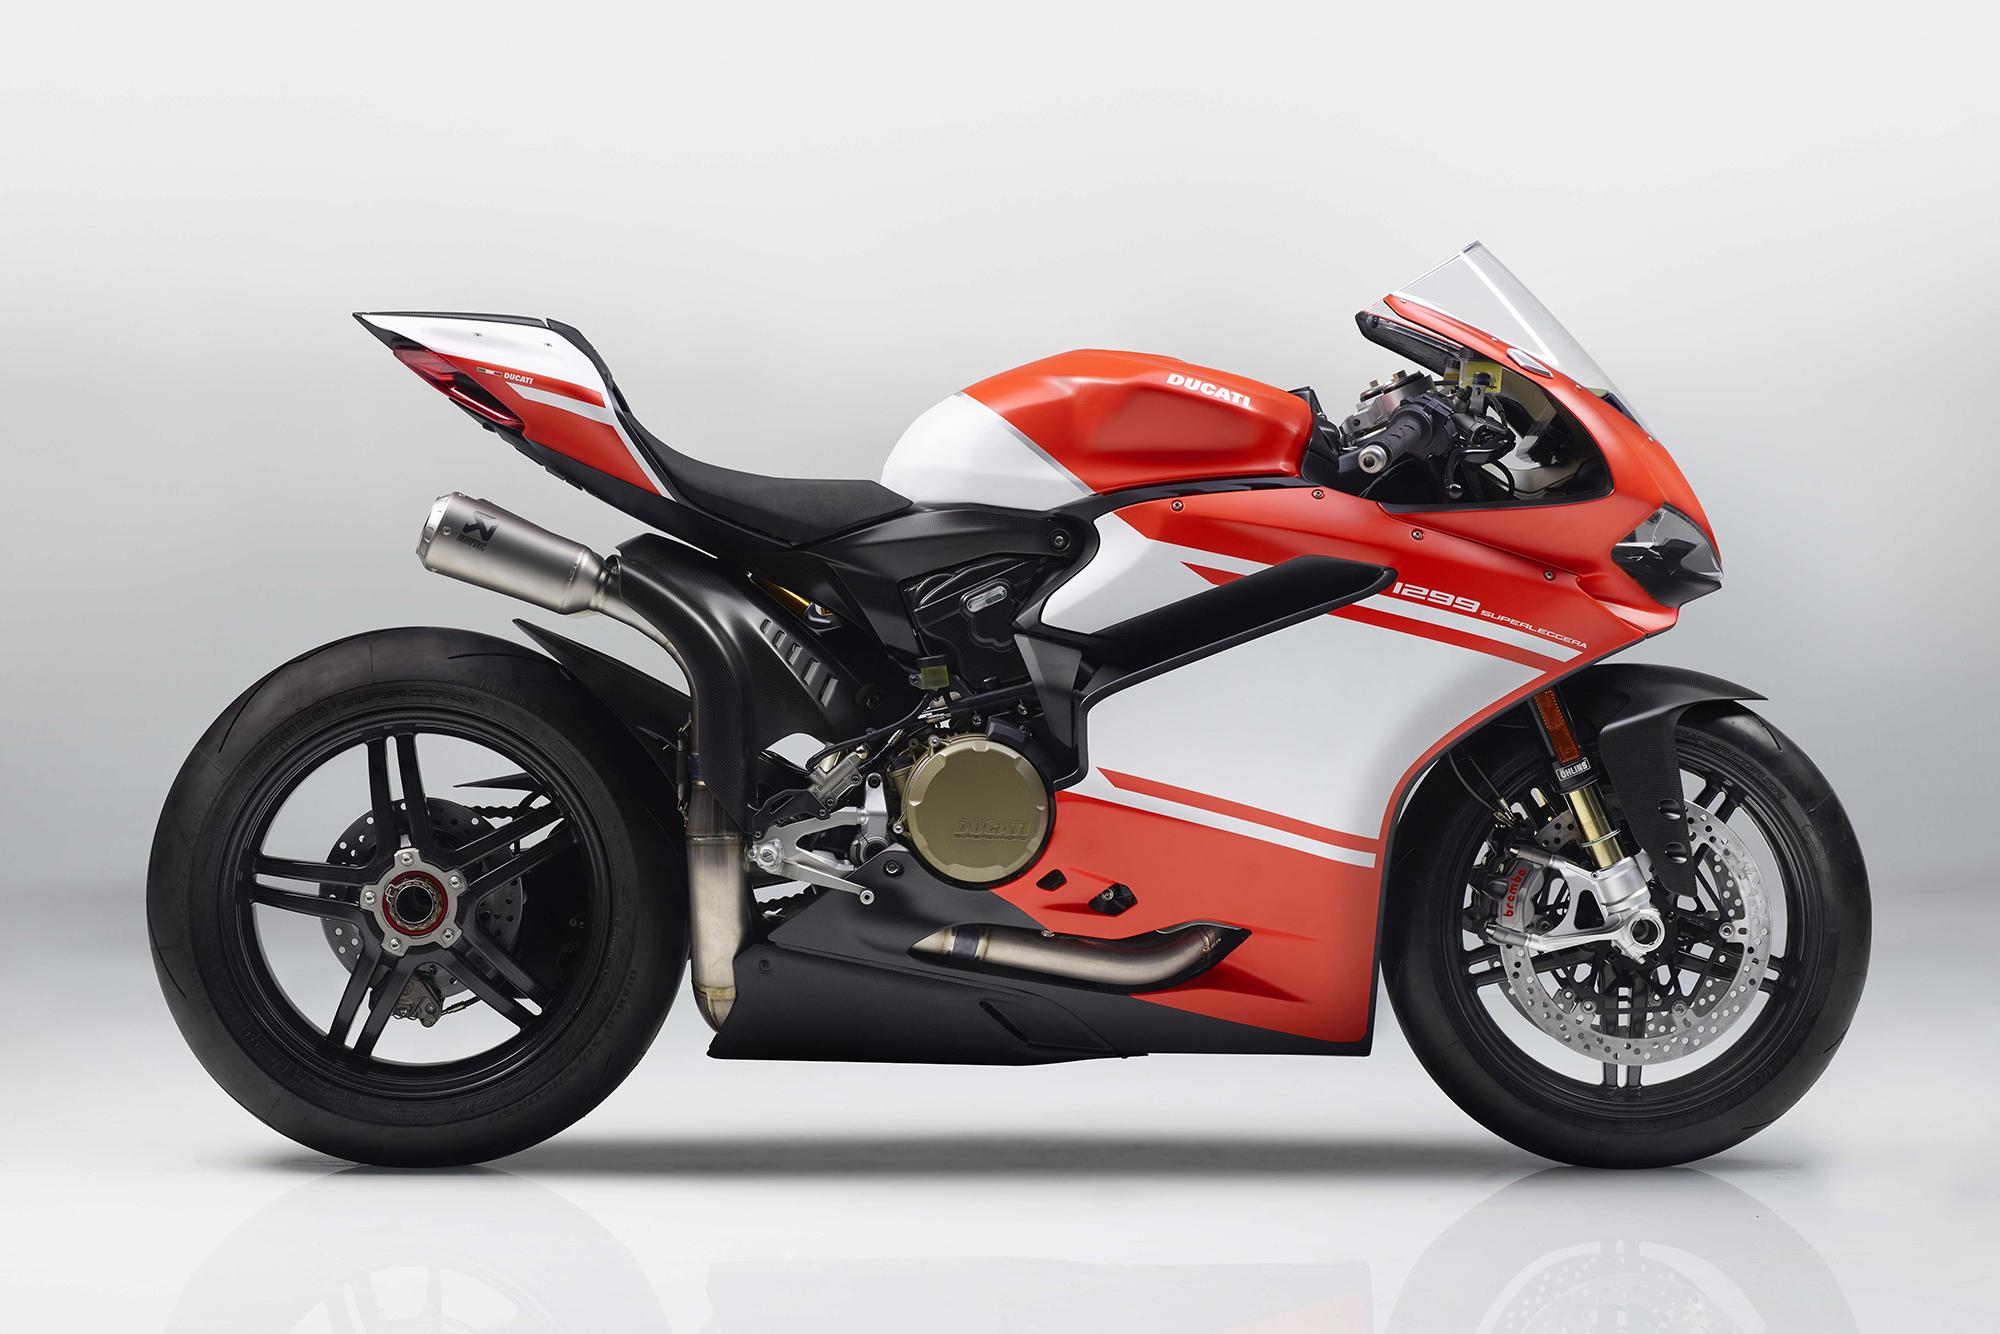 Ducati 1299 Superleggera A 215hp Carbon Fiber Superbike